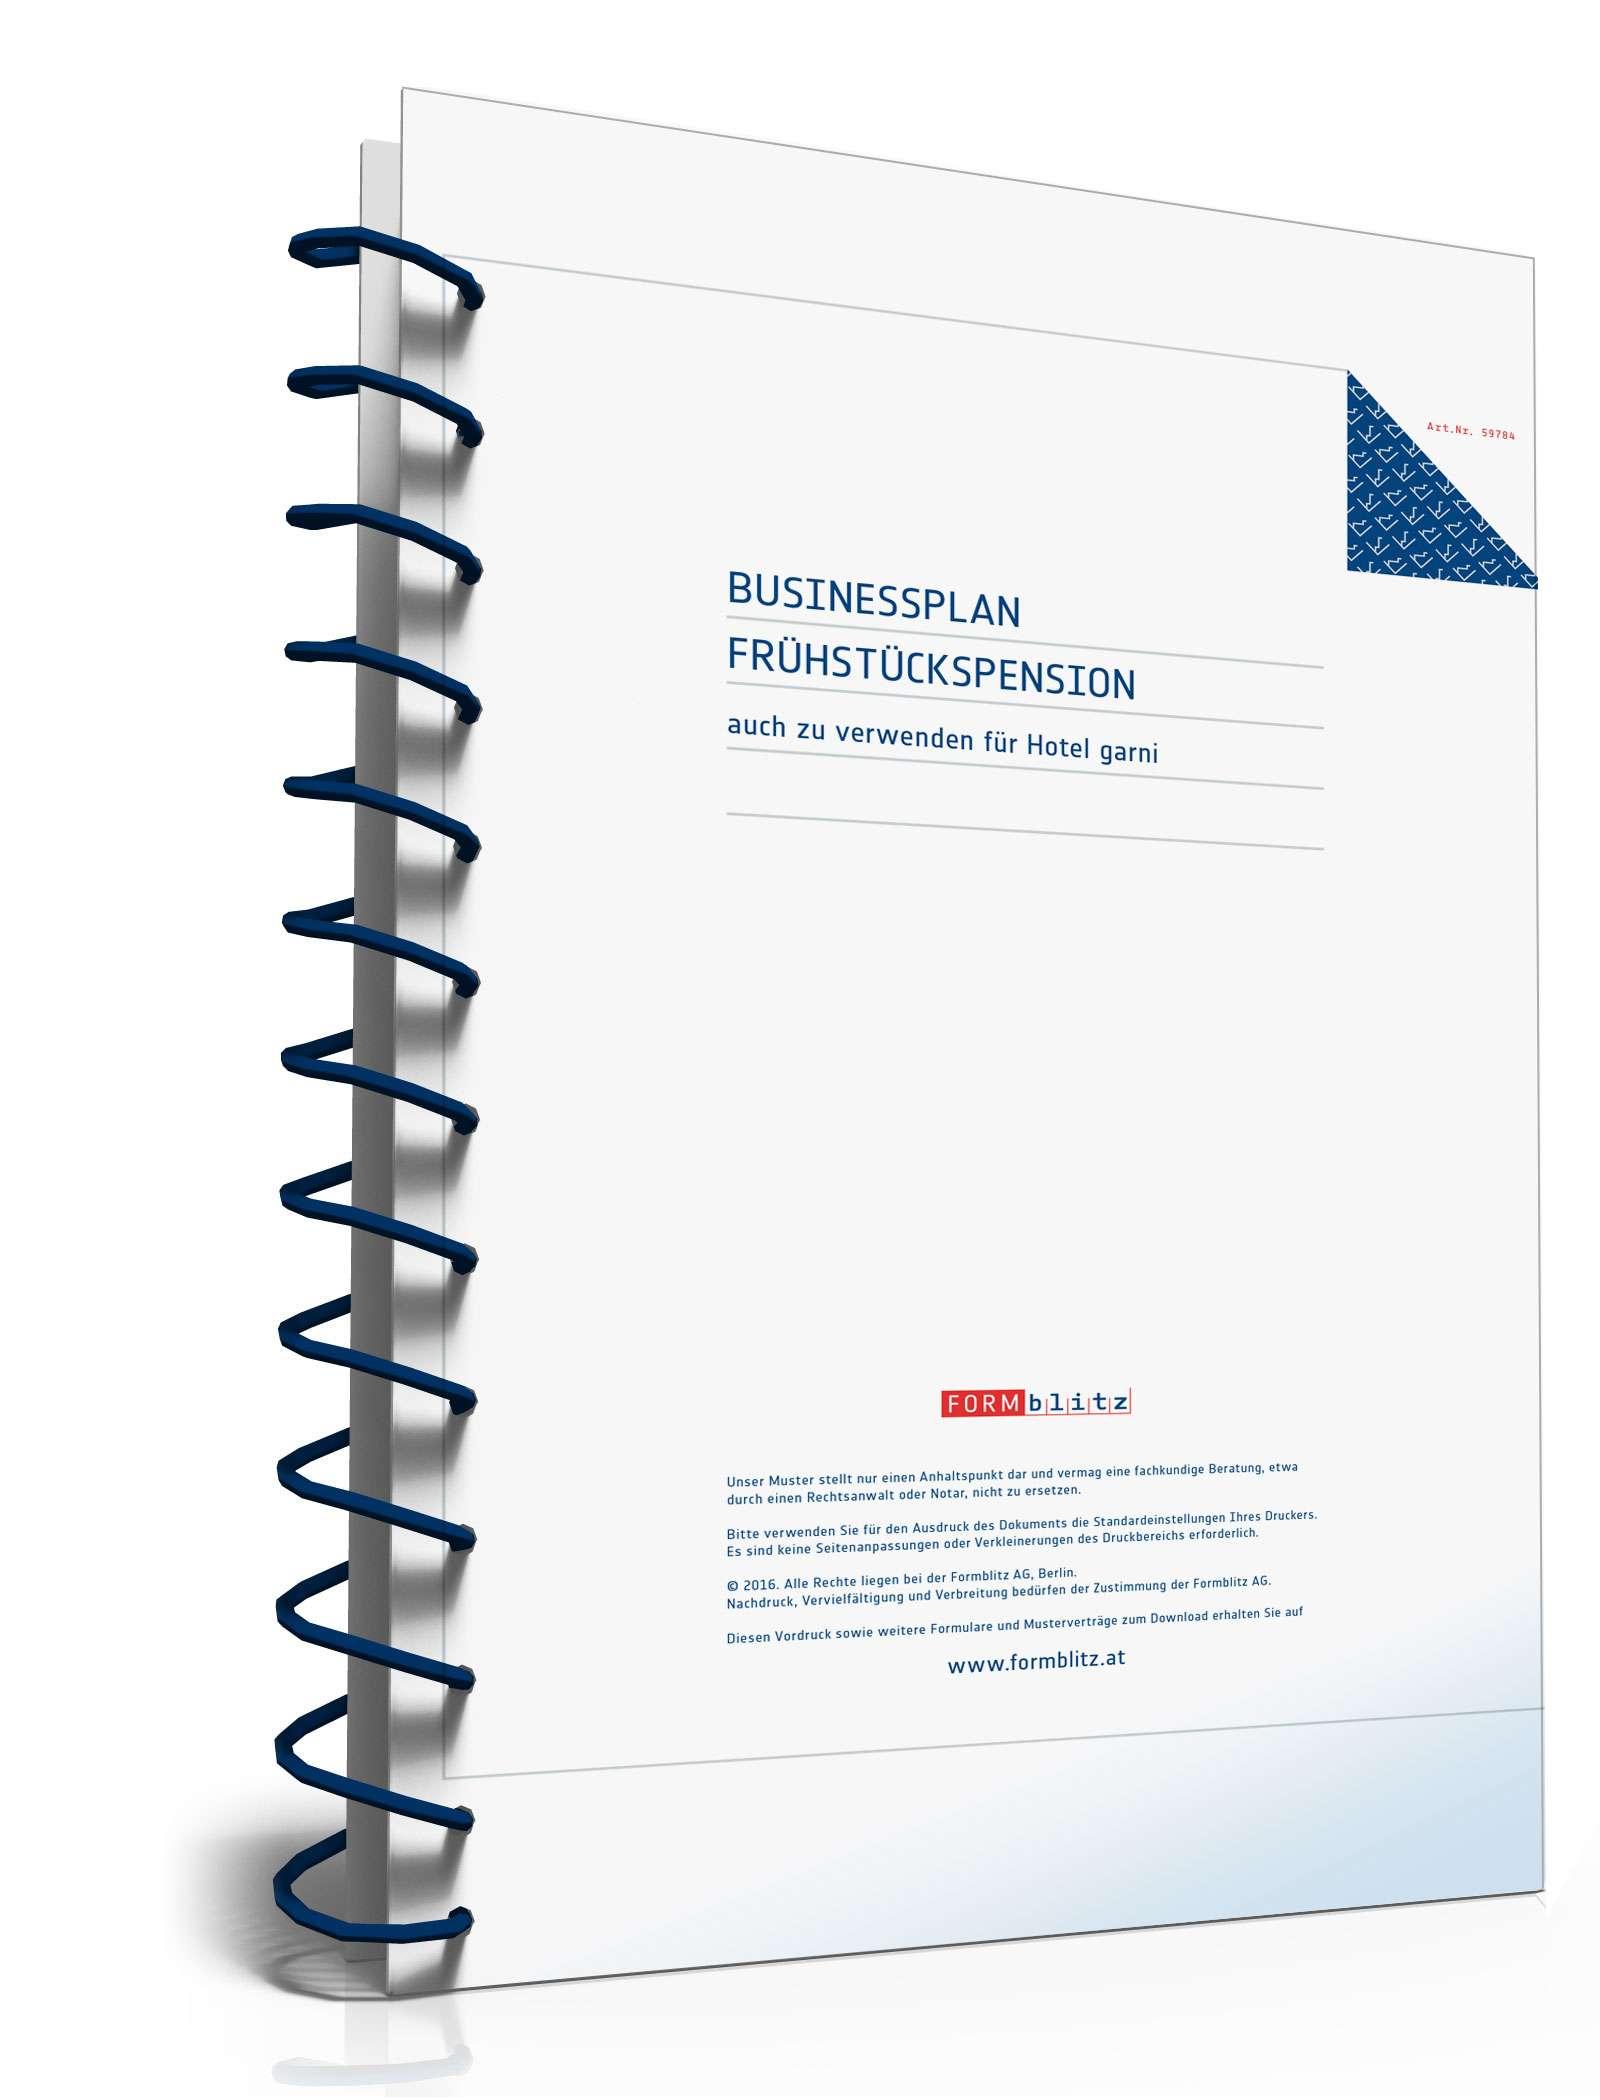 Businessplan für eine Frühstückspension Dokument zum Download